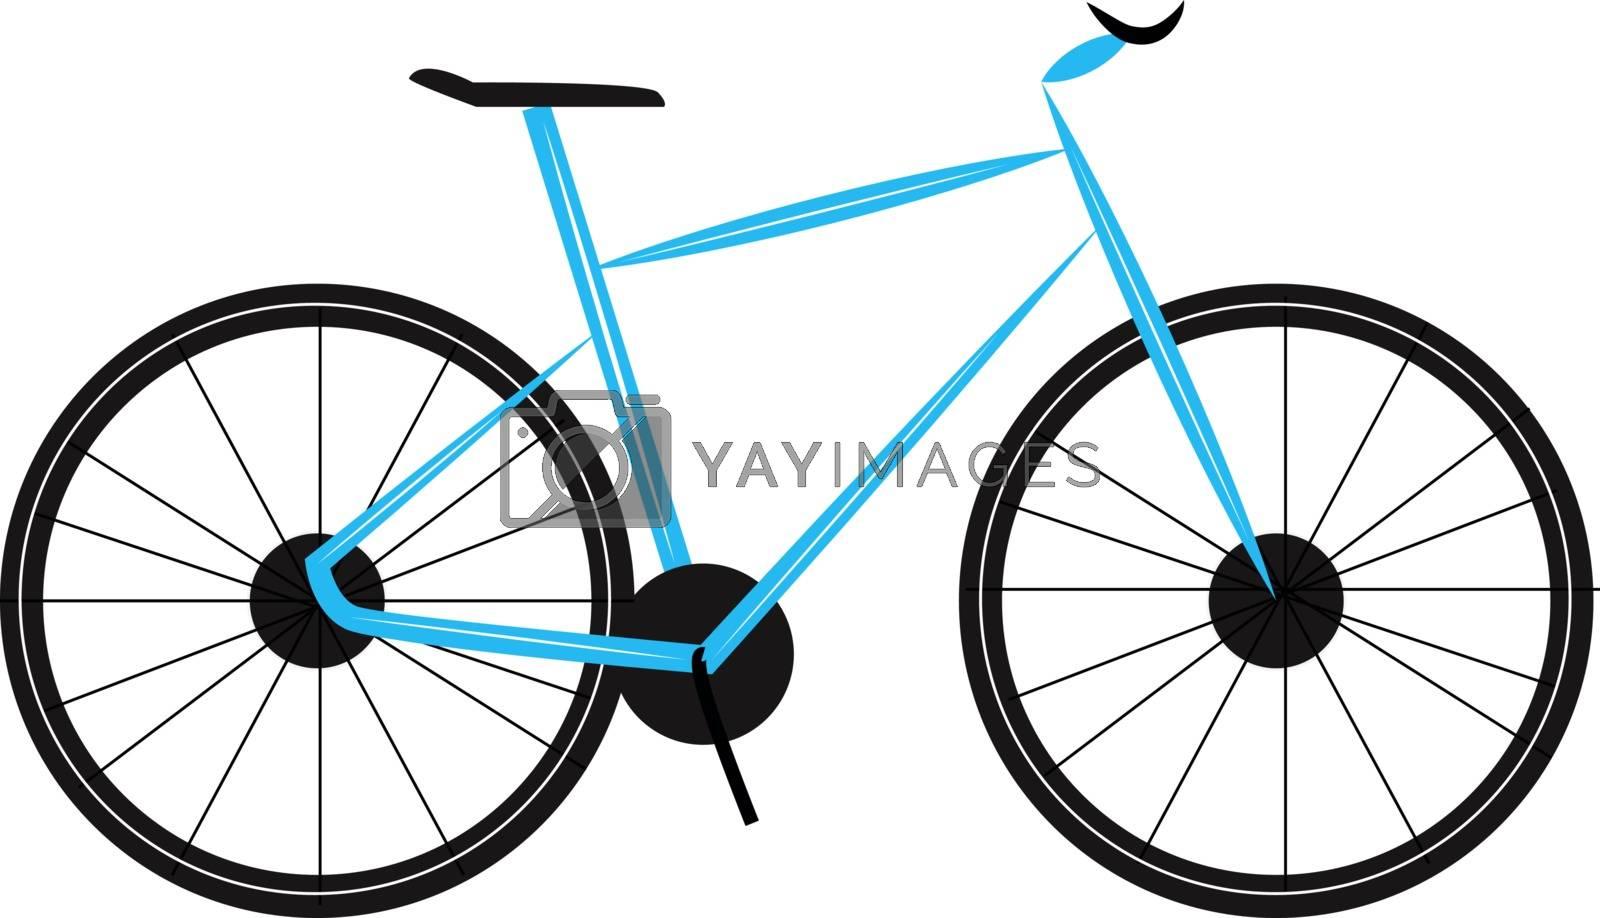 Blue bike, illustration, vector on white background.